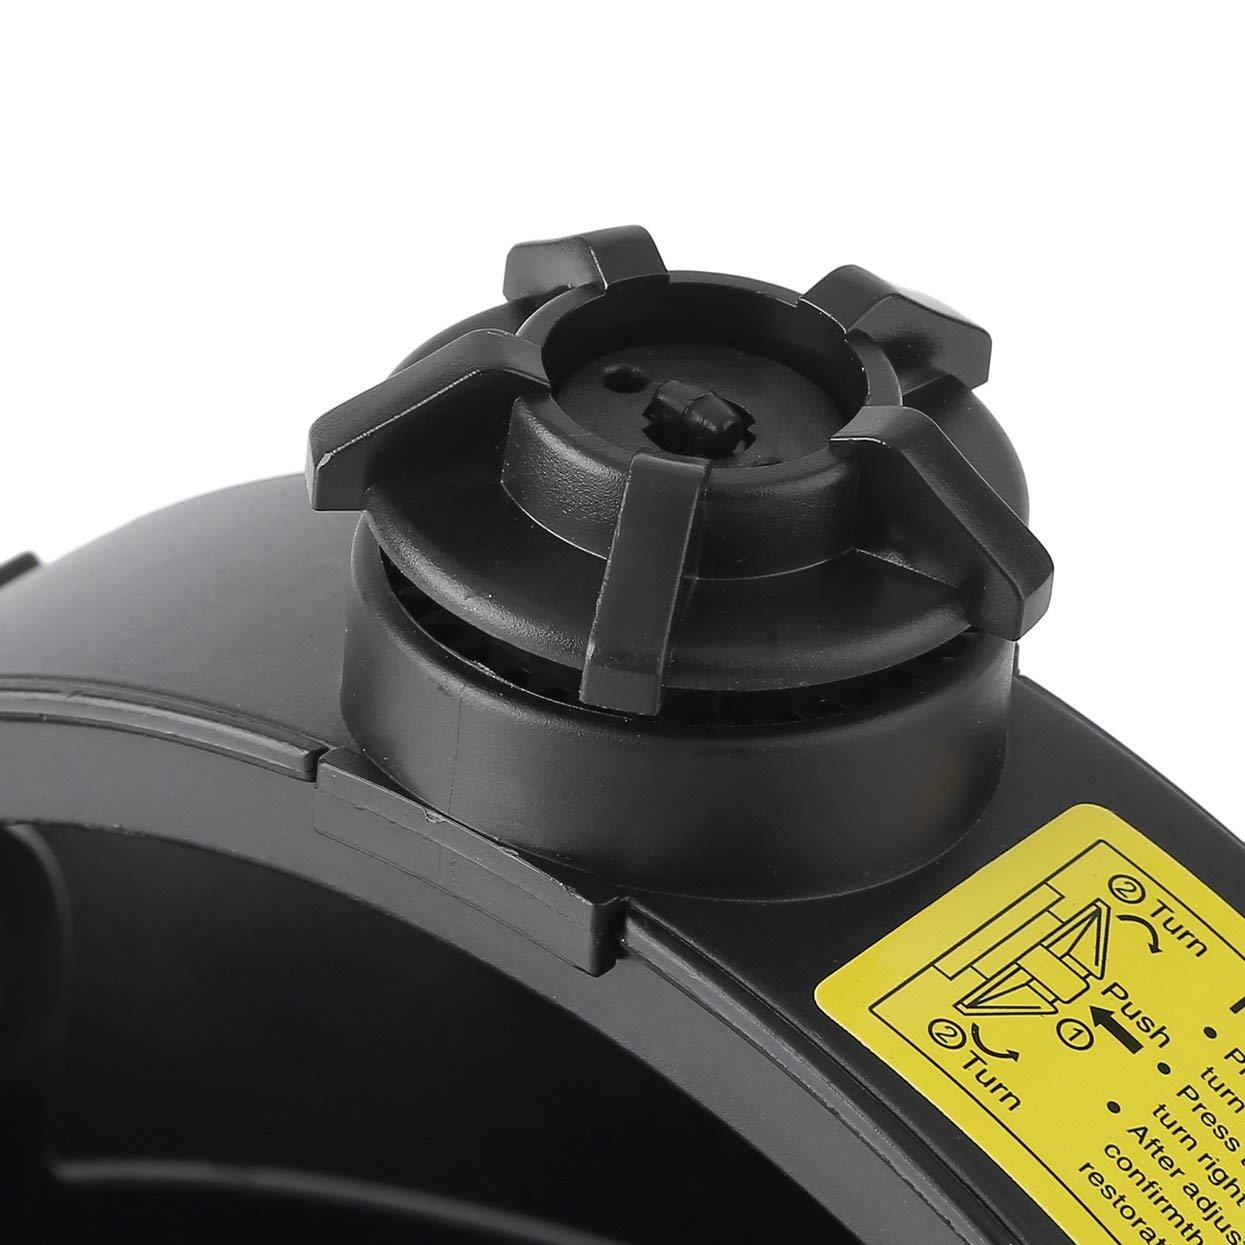 Tellaboull for Oscuratore Automatico Solare Oscurante Regolabile TIG Mig MMA Maschera per Saldatura elettrica Casco a saldare Flaming Skull Design